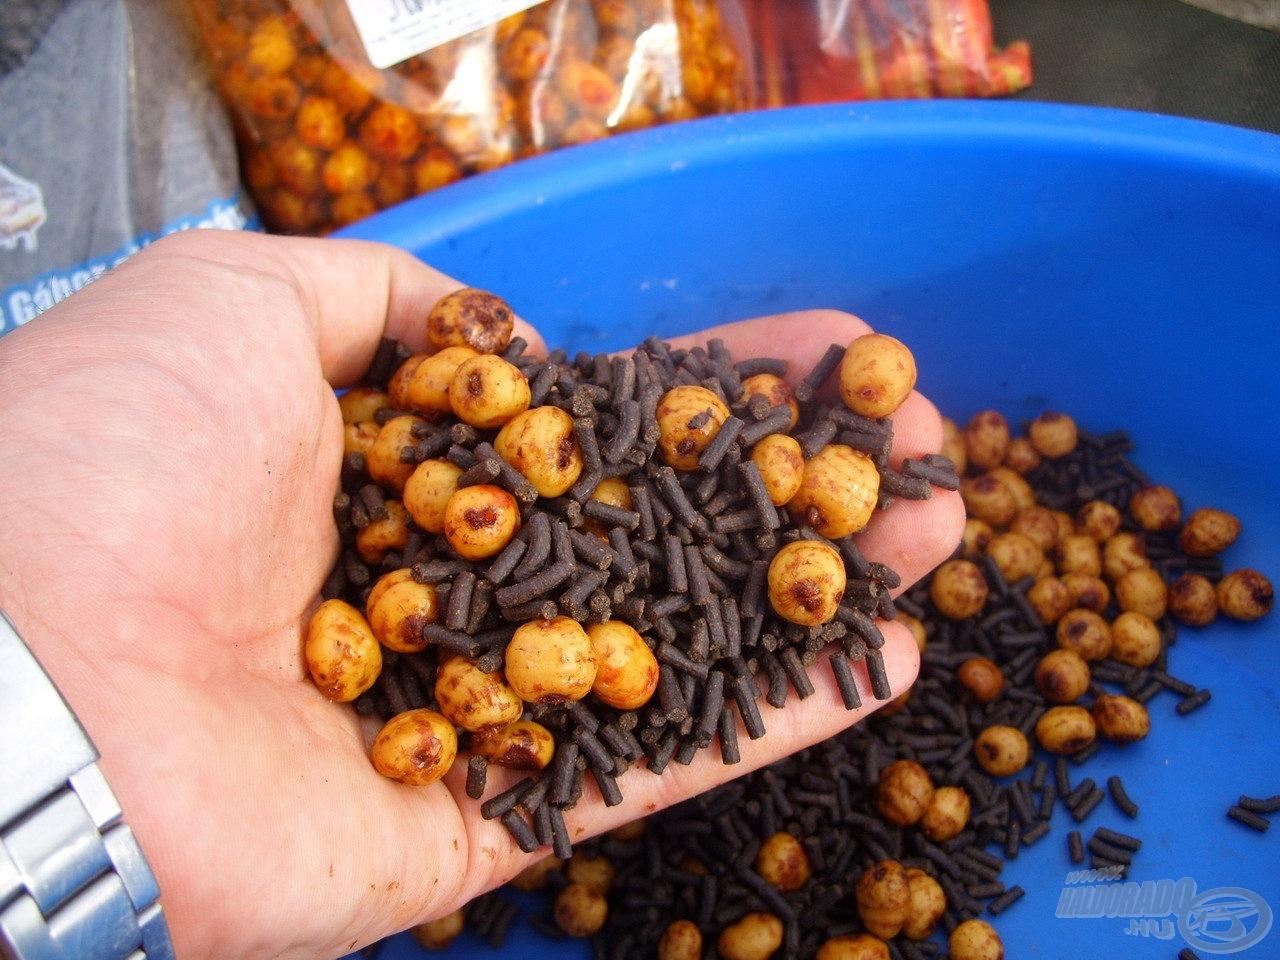 Gondoskodtam arról is, hogy a termetes pontyok mindig találjanak nagyobb méretű, számukra kedves összetevőket. Ehhez most Haldorádó tigrismogyoróval, illetve halibut pellettel dúsítottam az etetőanyagot